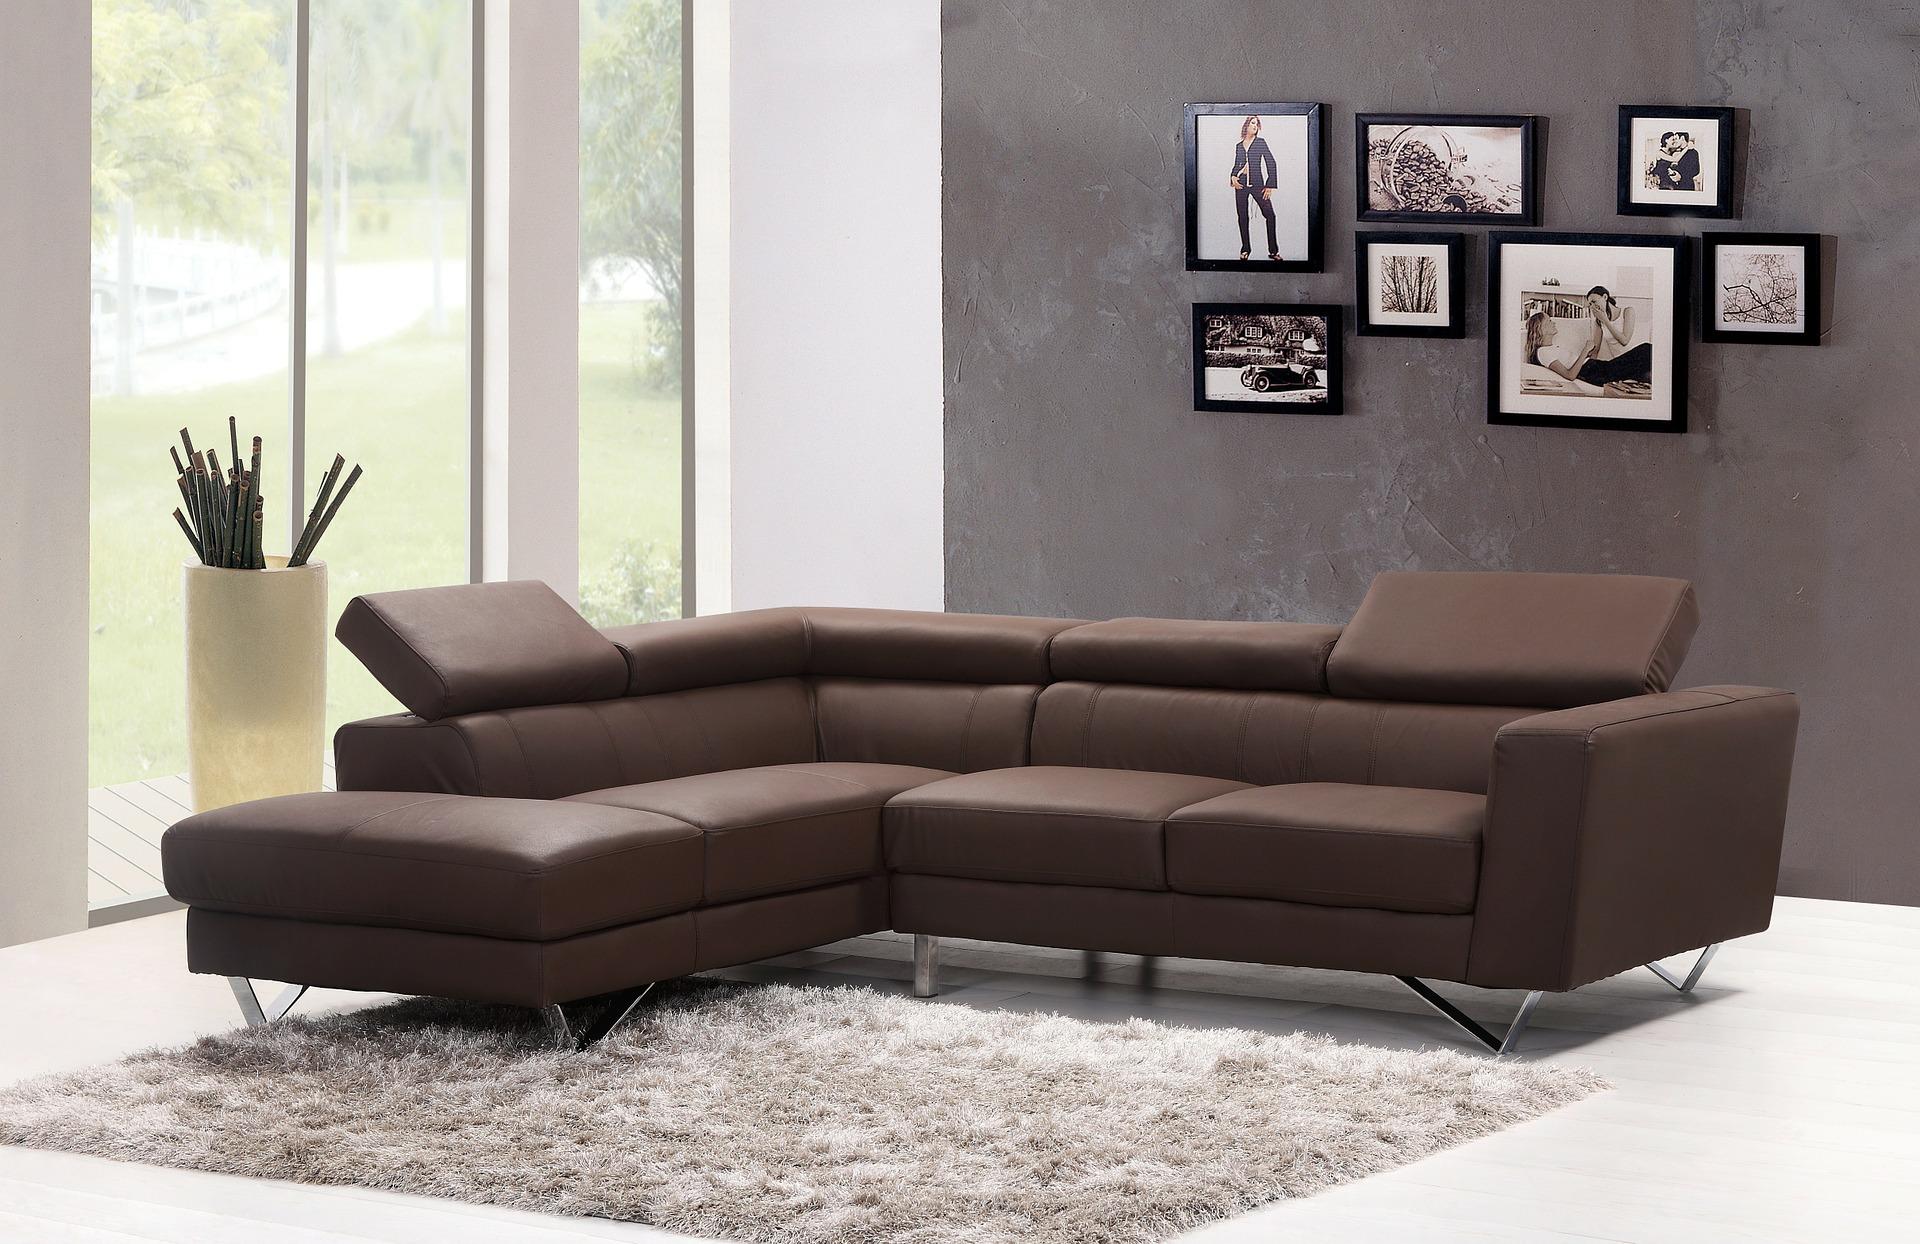 sofa-184555_1920